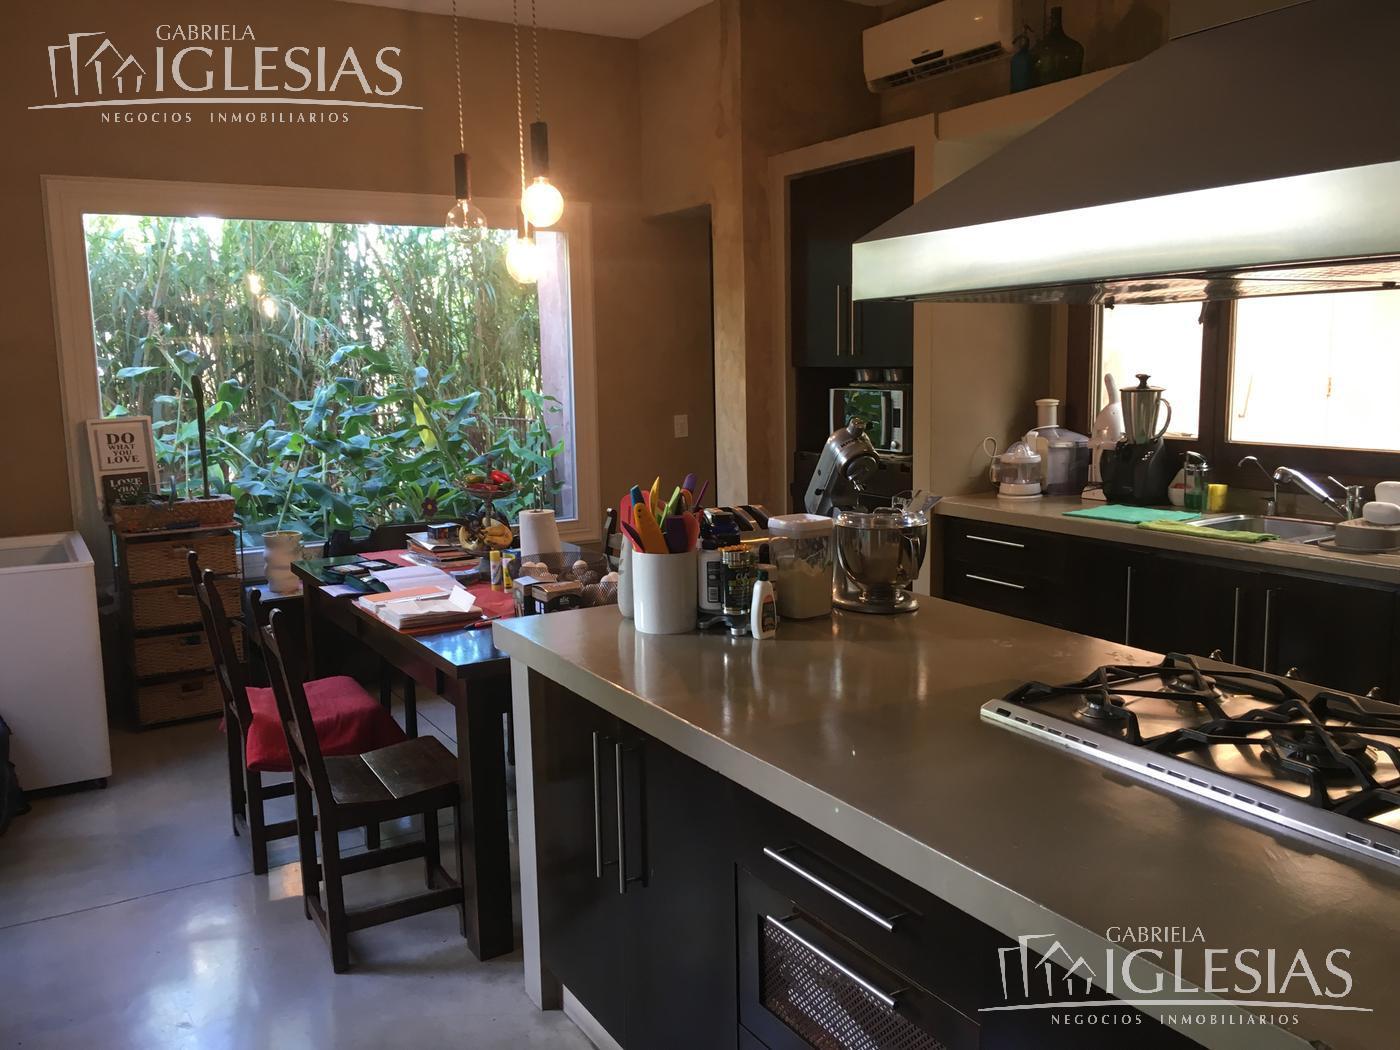 Casa en Venta en Los Castores a Venta - u$s 1.650.000